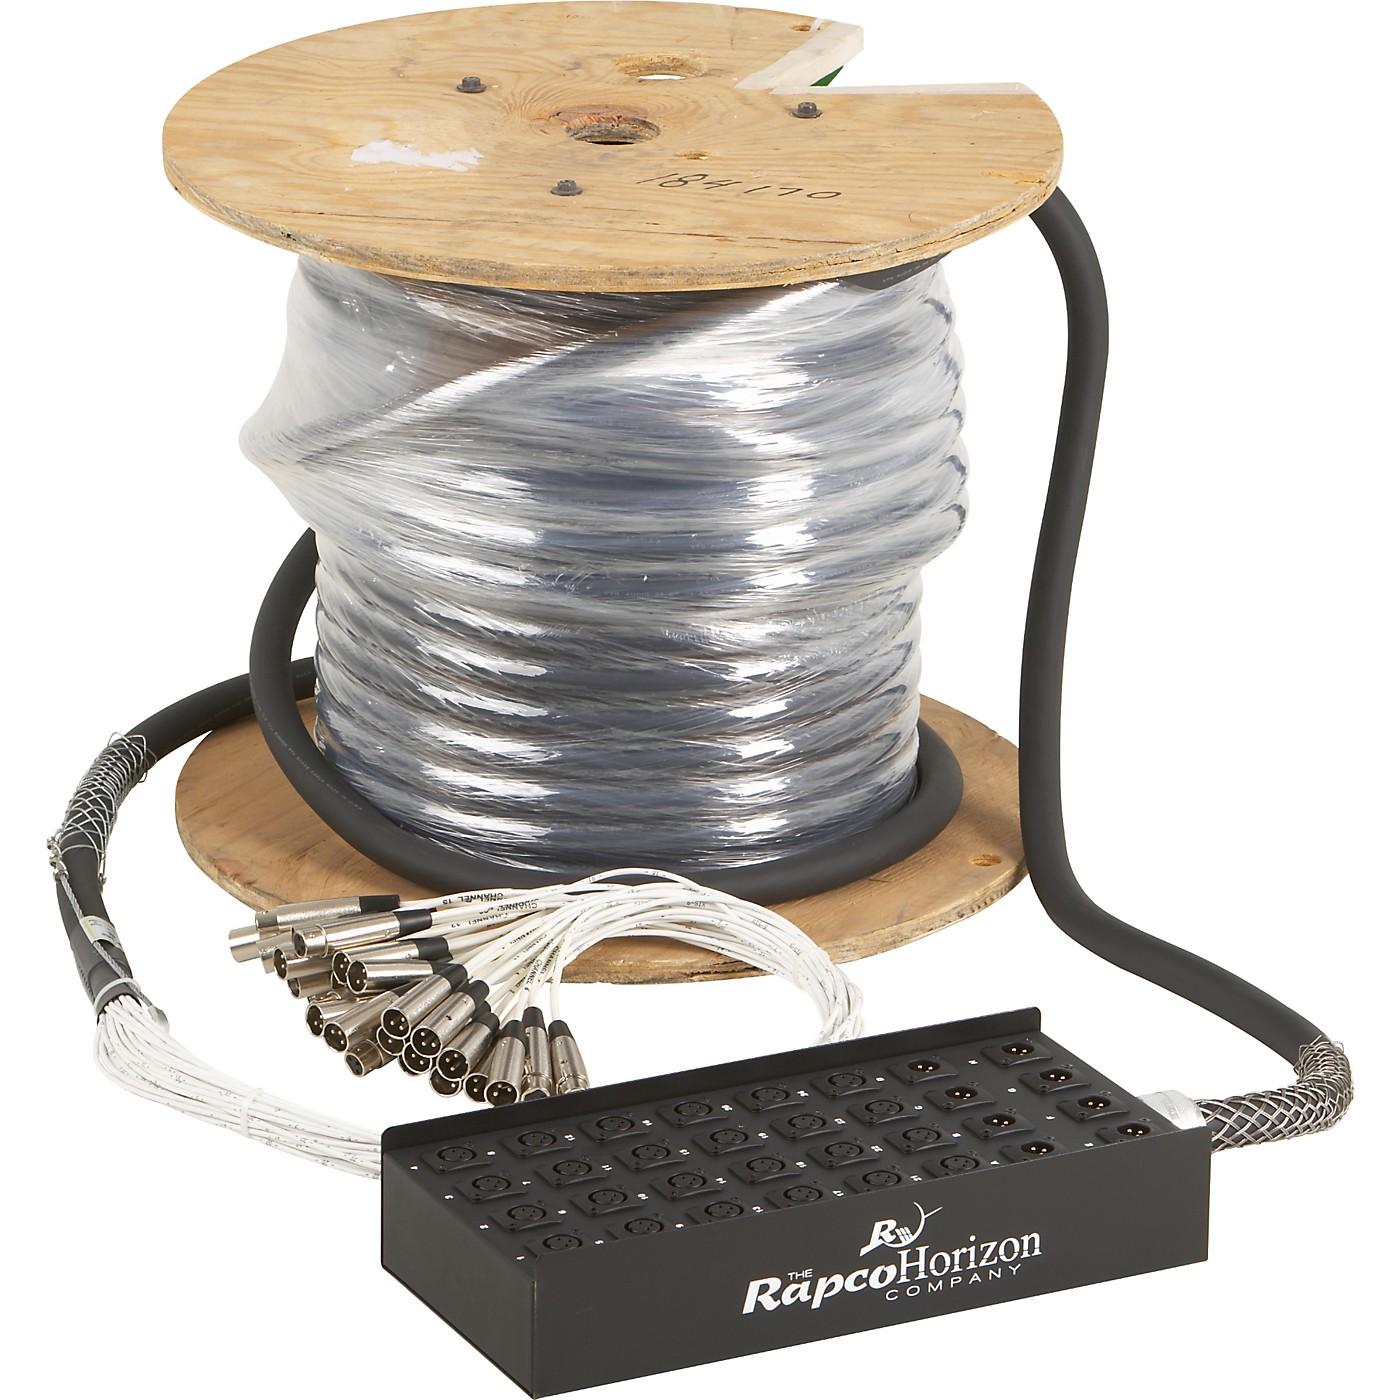 Rapco Horizon 24X8 XLR Fan-Box Snake thumbnail